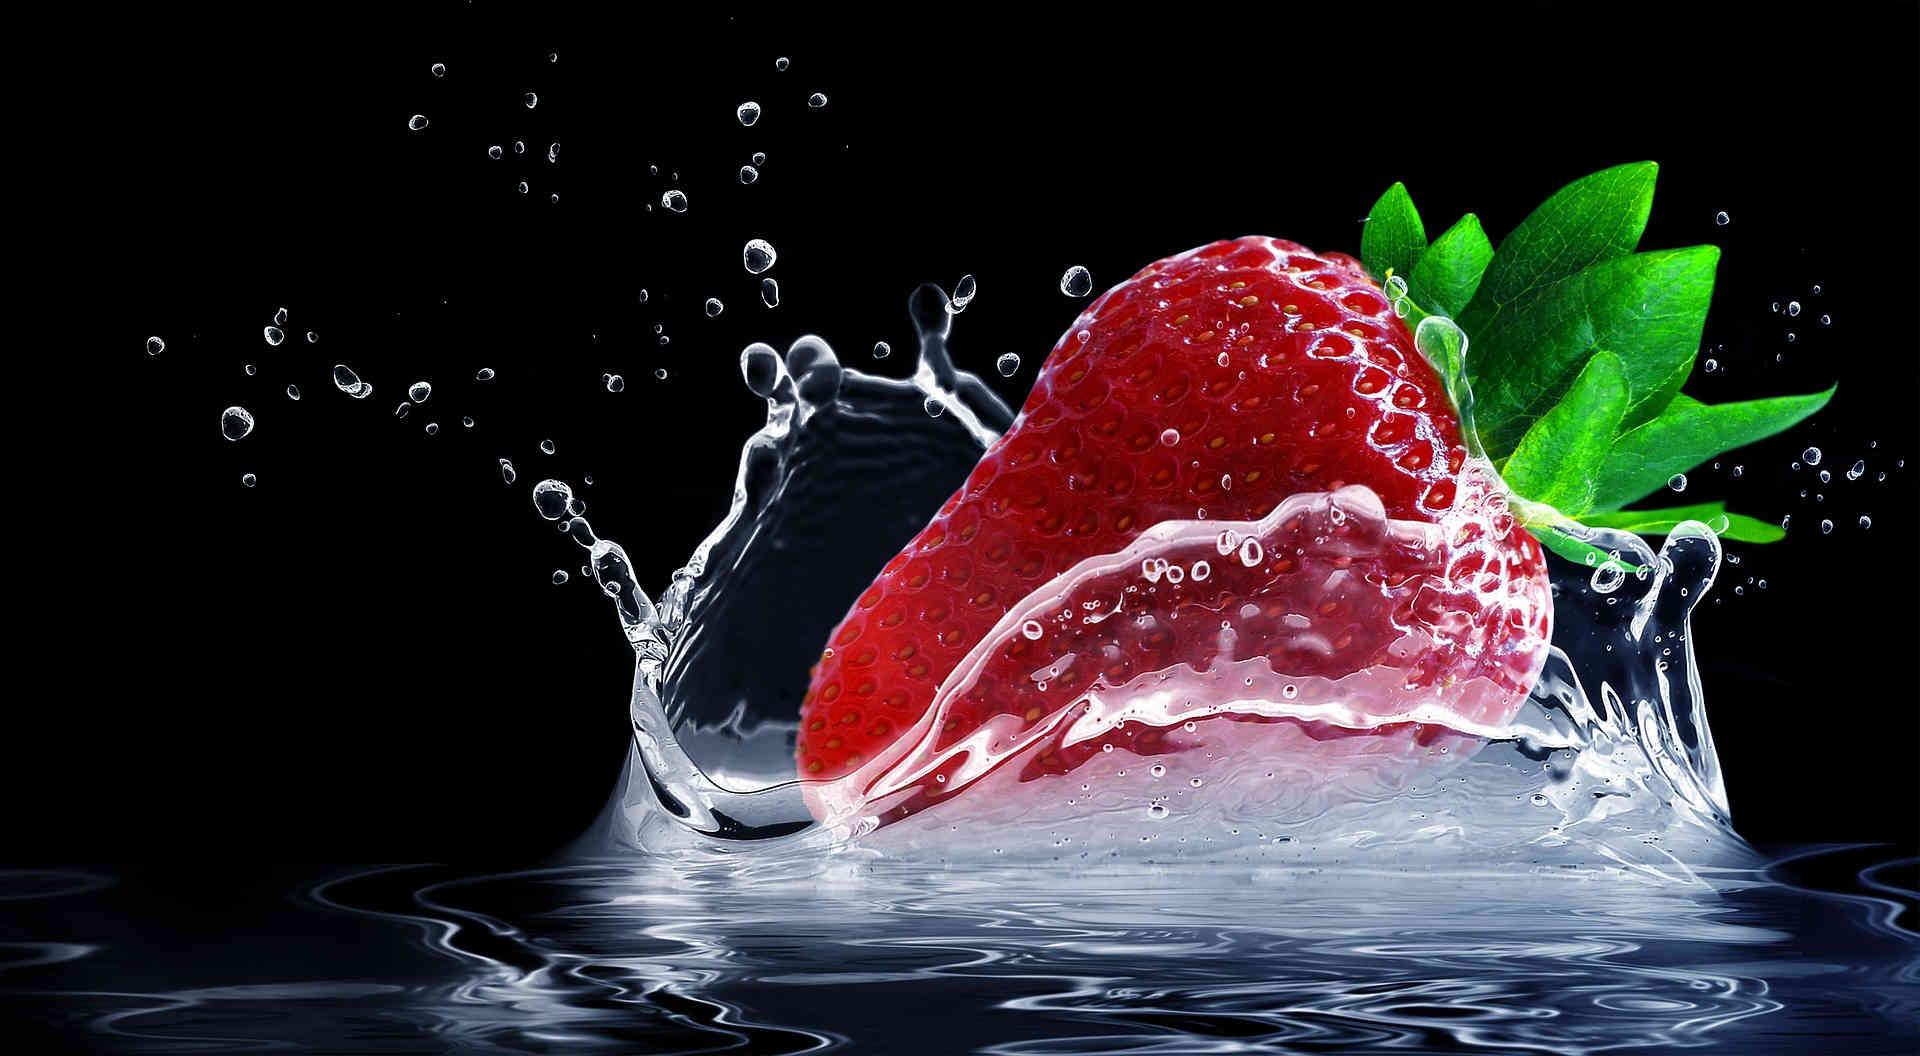 strawberry-splash-190308-72